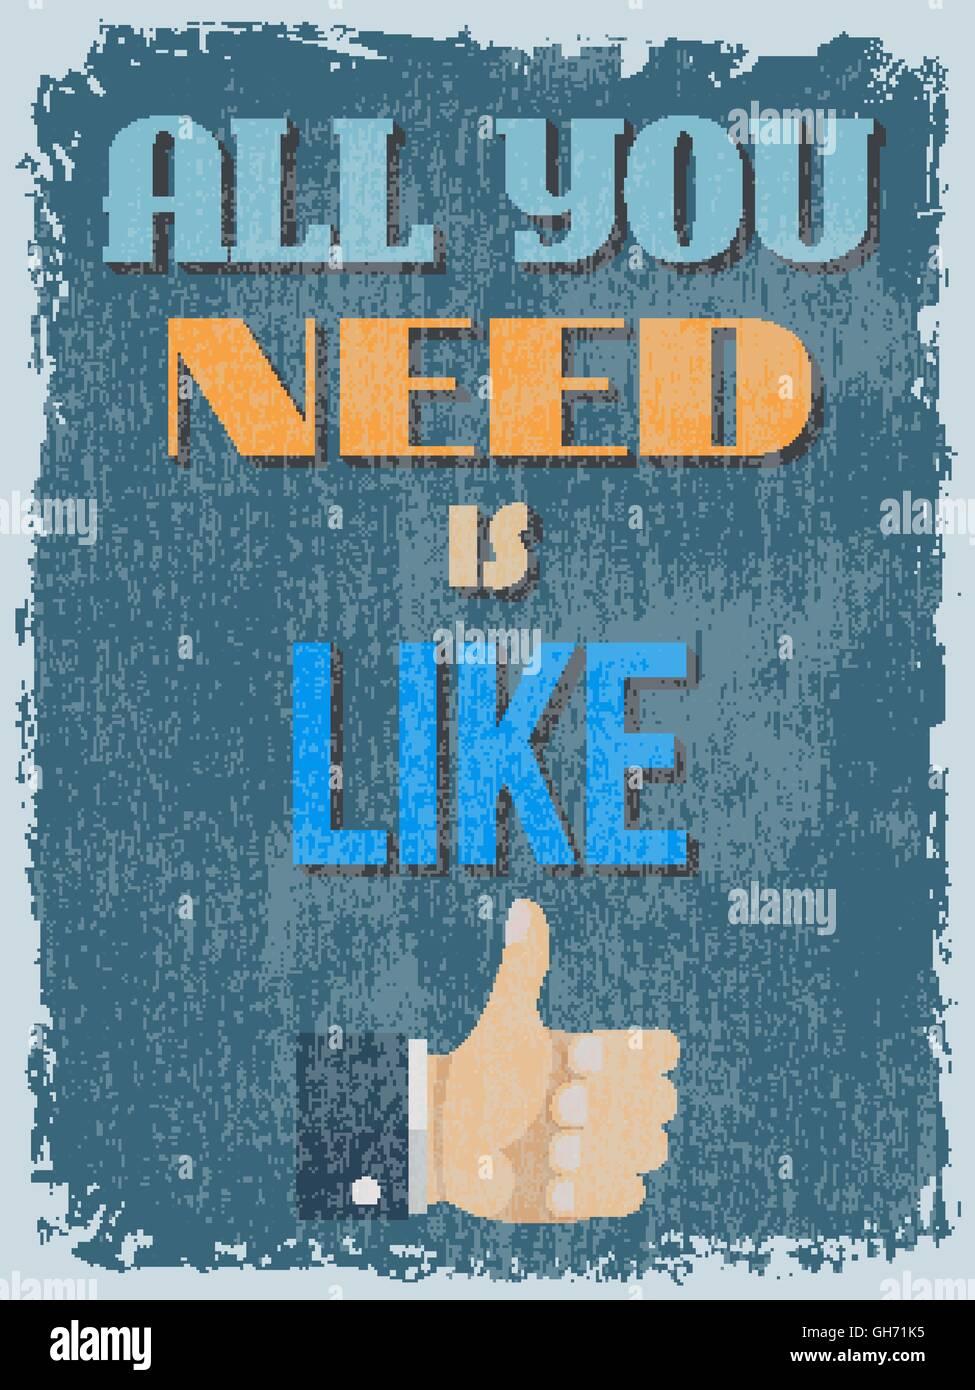 Poster une phrase de motivation. Vintage style. Tout ce qu'il vous faut, c'est comme. Vector illustration Photo Stock